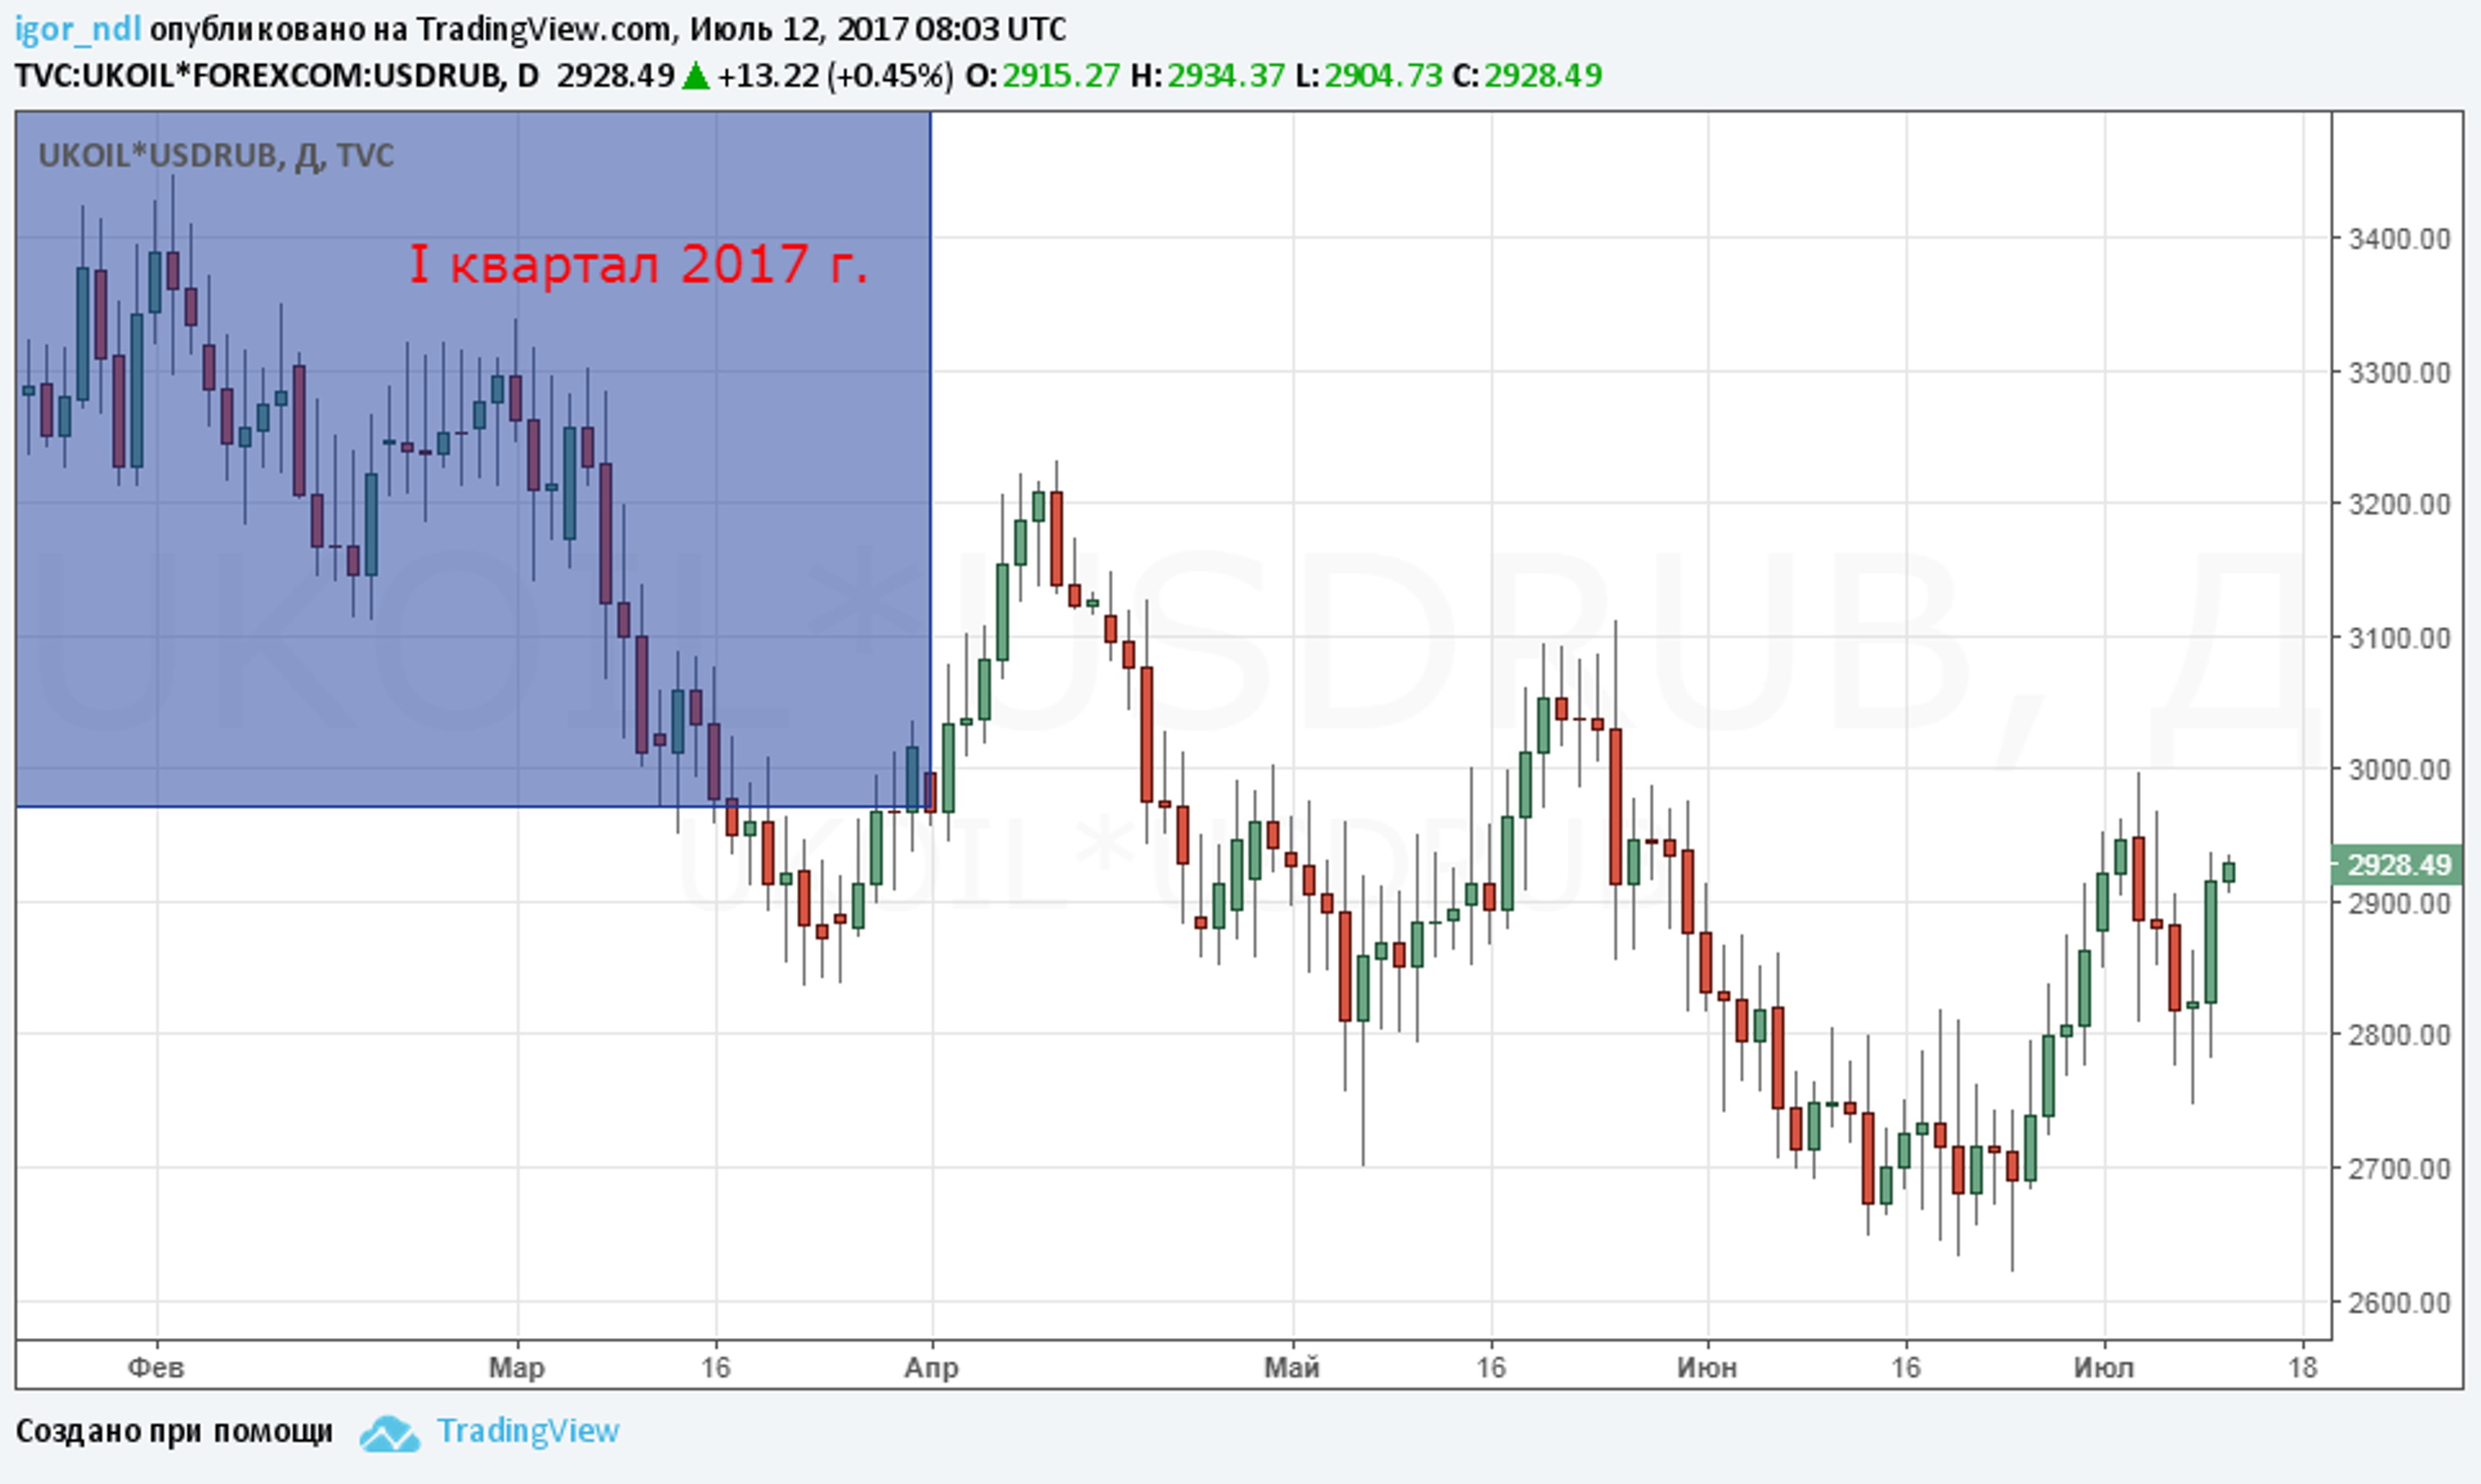 Как долго будет слабеть рубль?